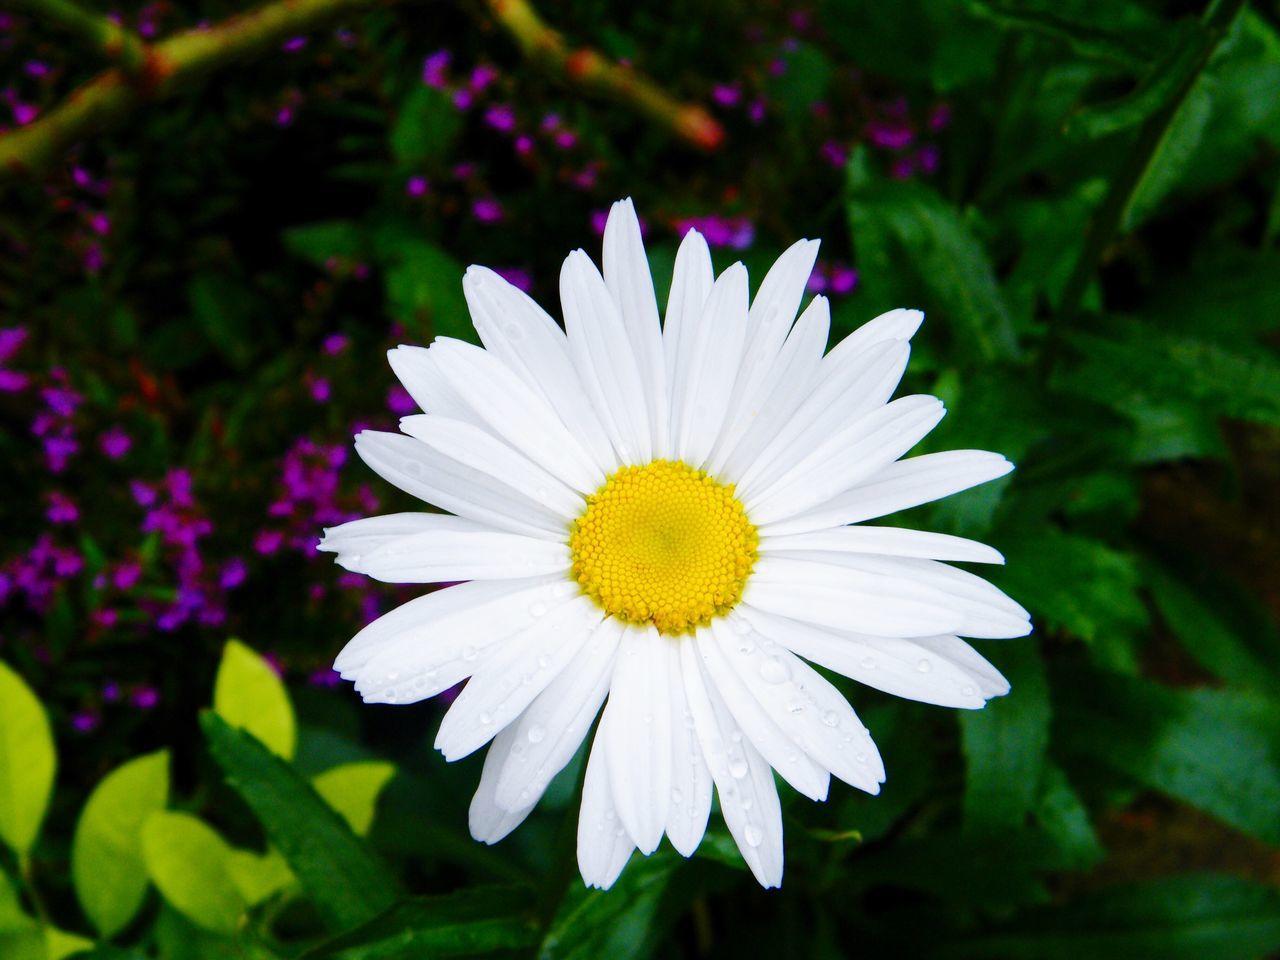 Showcase: November Eyem Nature Lovers  Eyem Flowers for all nature lovers! Fresh Daisy